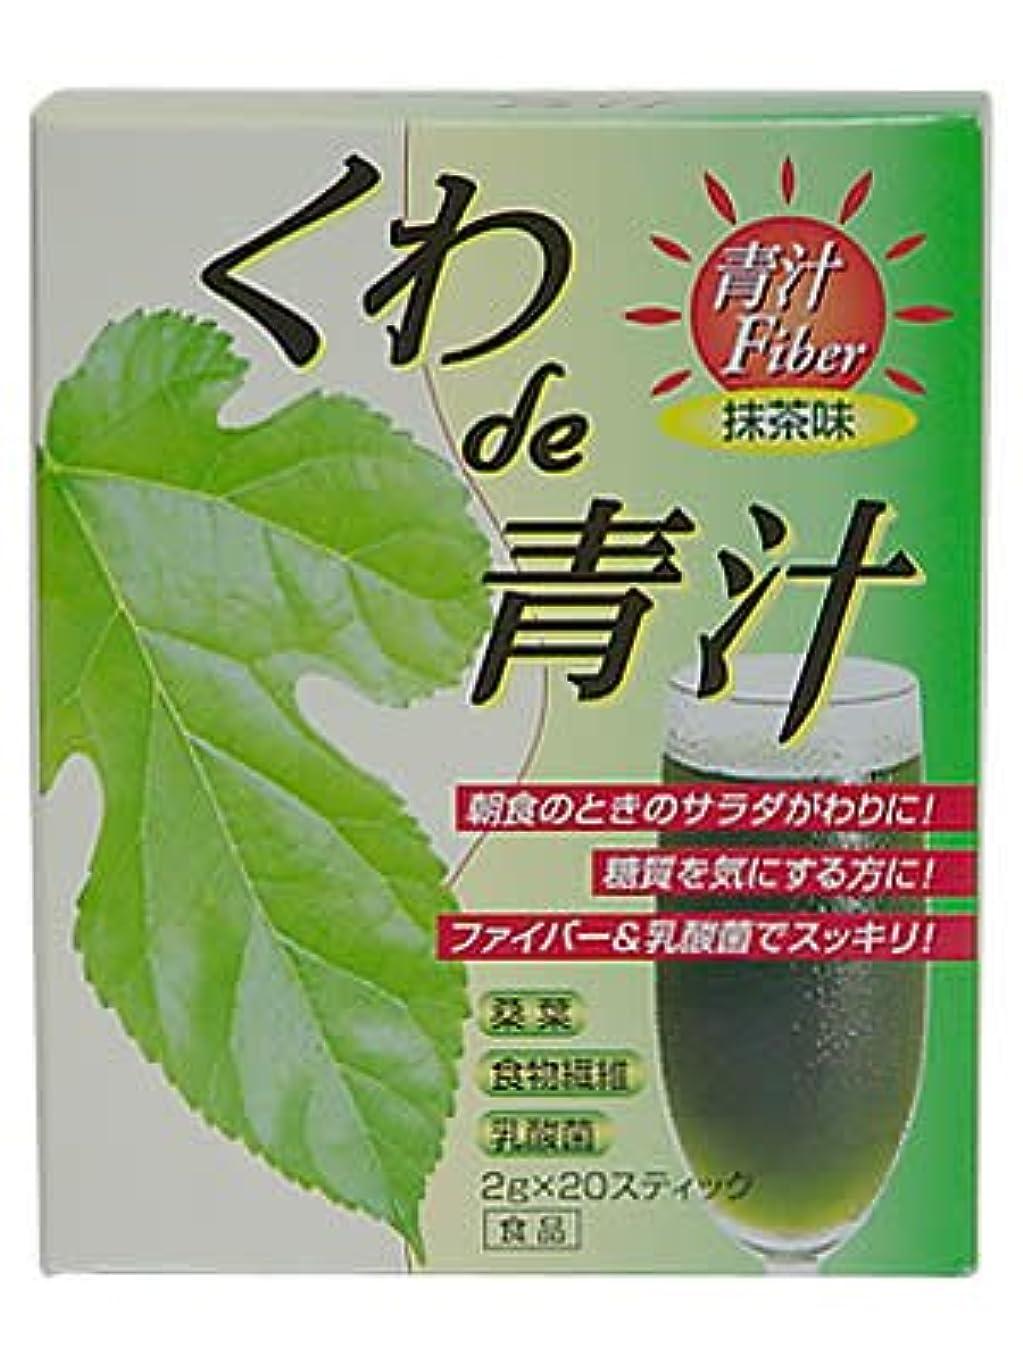 サイトライン昼食真珠のようなミナト製薬 くわde青汁 40g(2g×20袋)